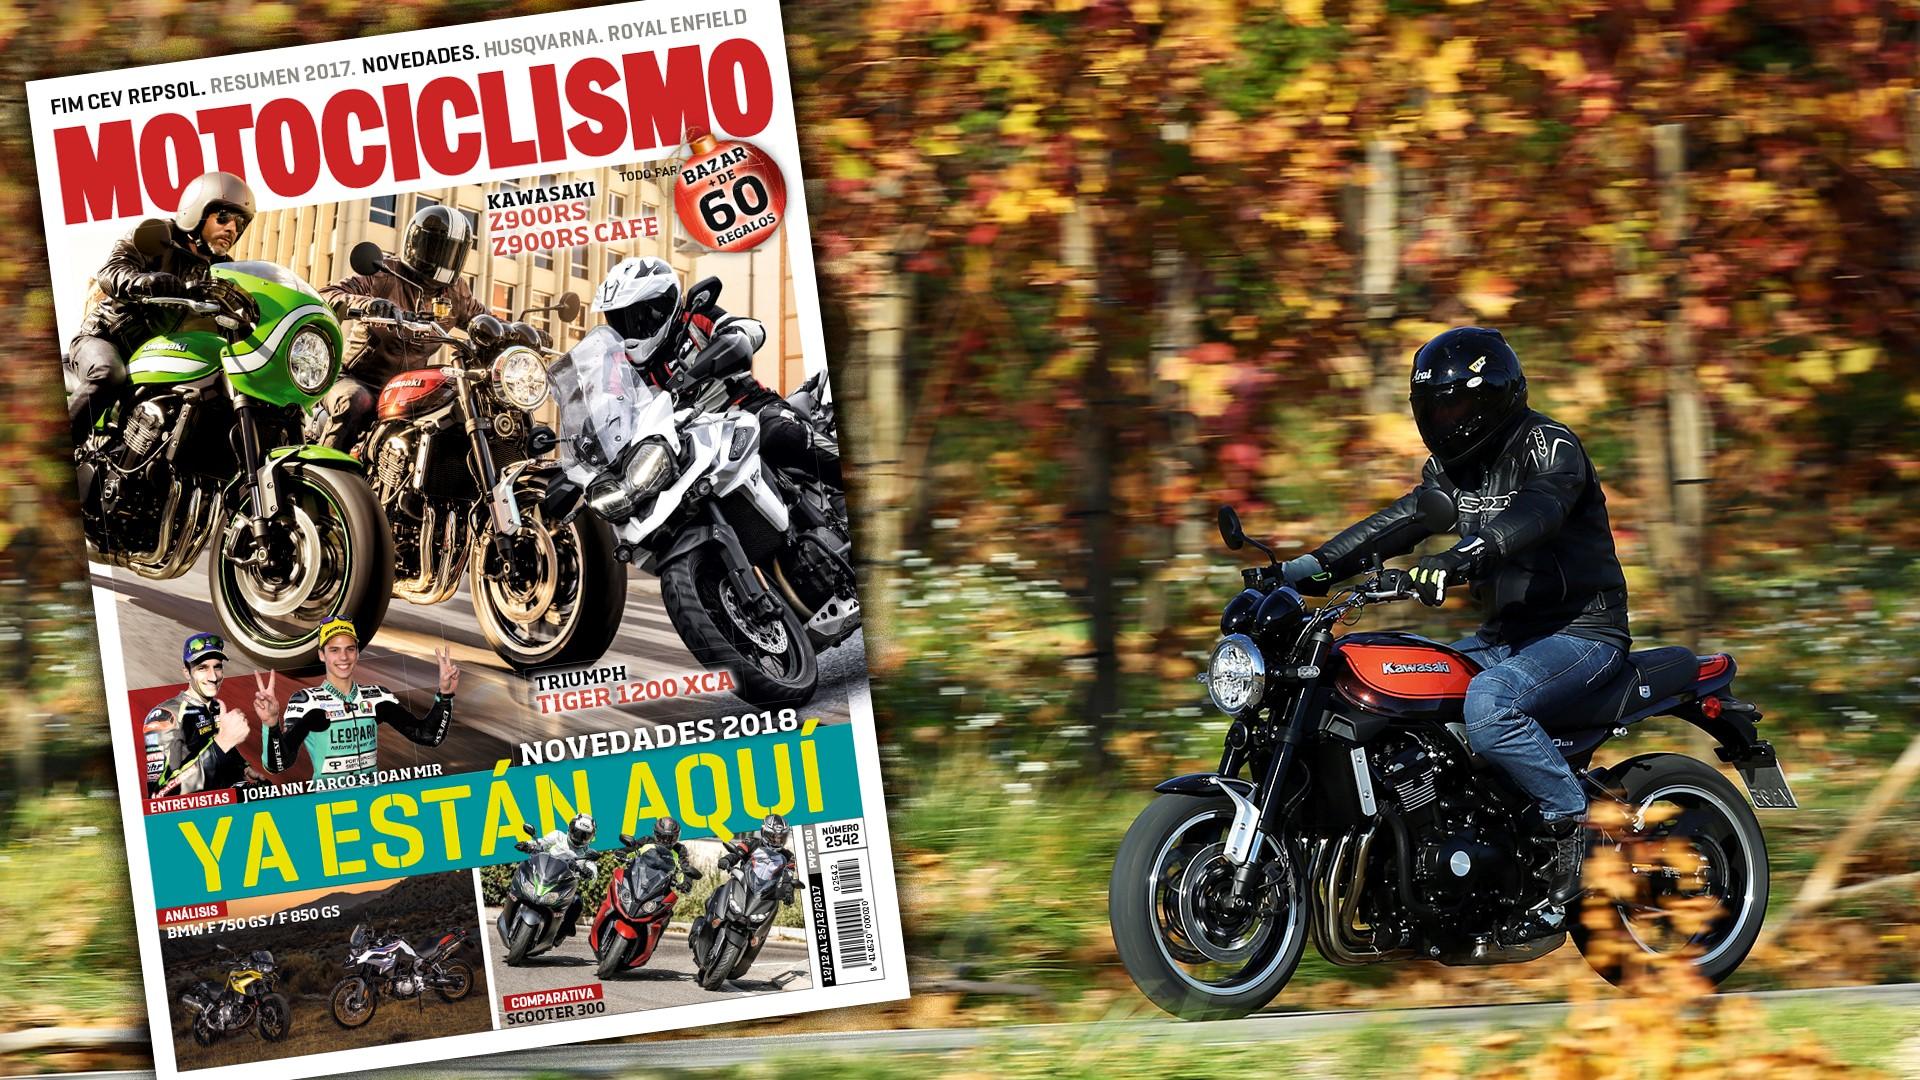 ¡Ya es Novedad en Motociclismo!